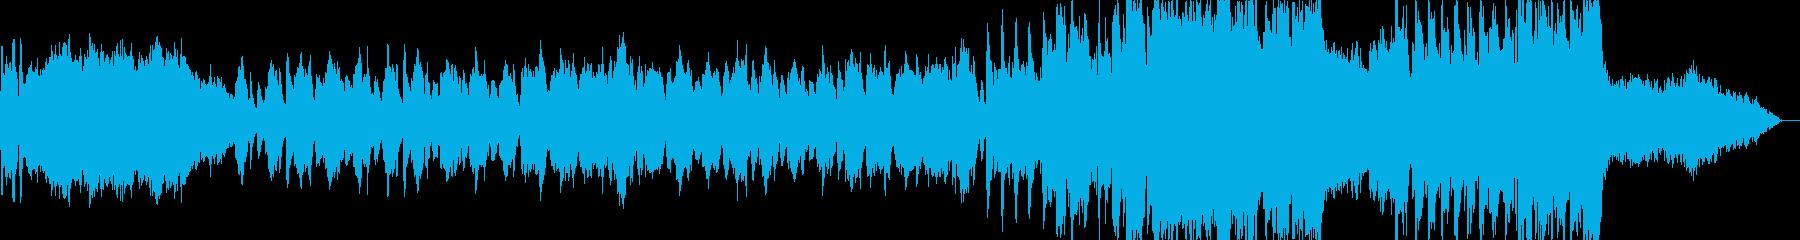 ハロウィンの怖い雰囲気のクラシック風の再生済みの波形